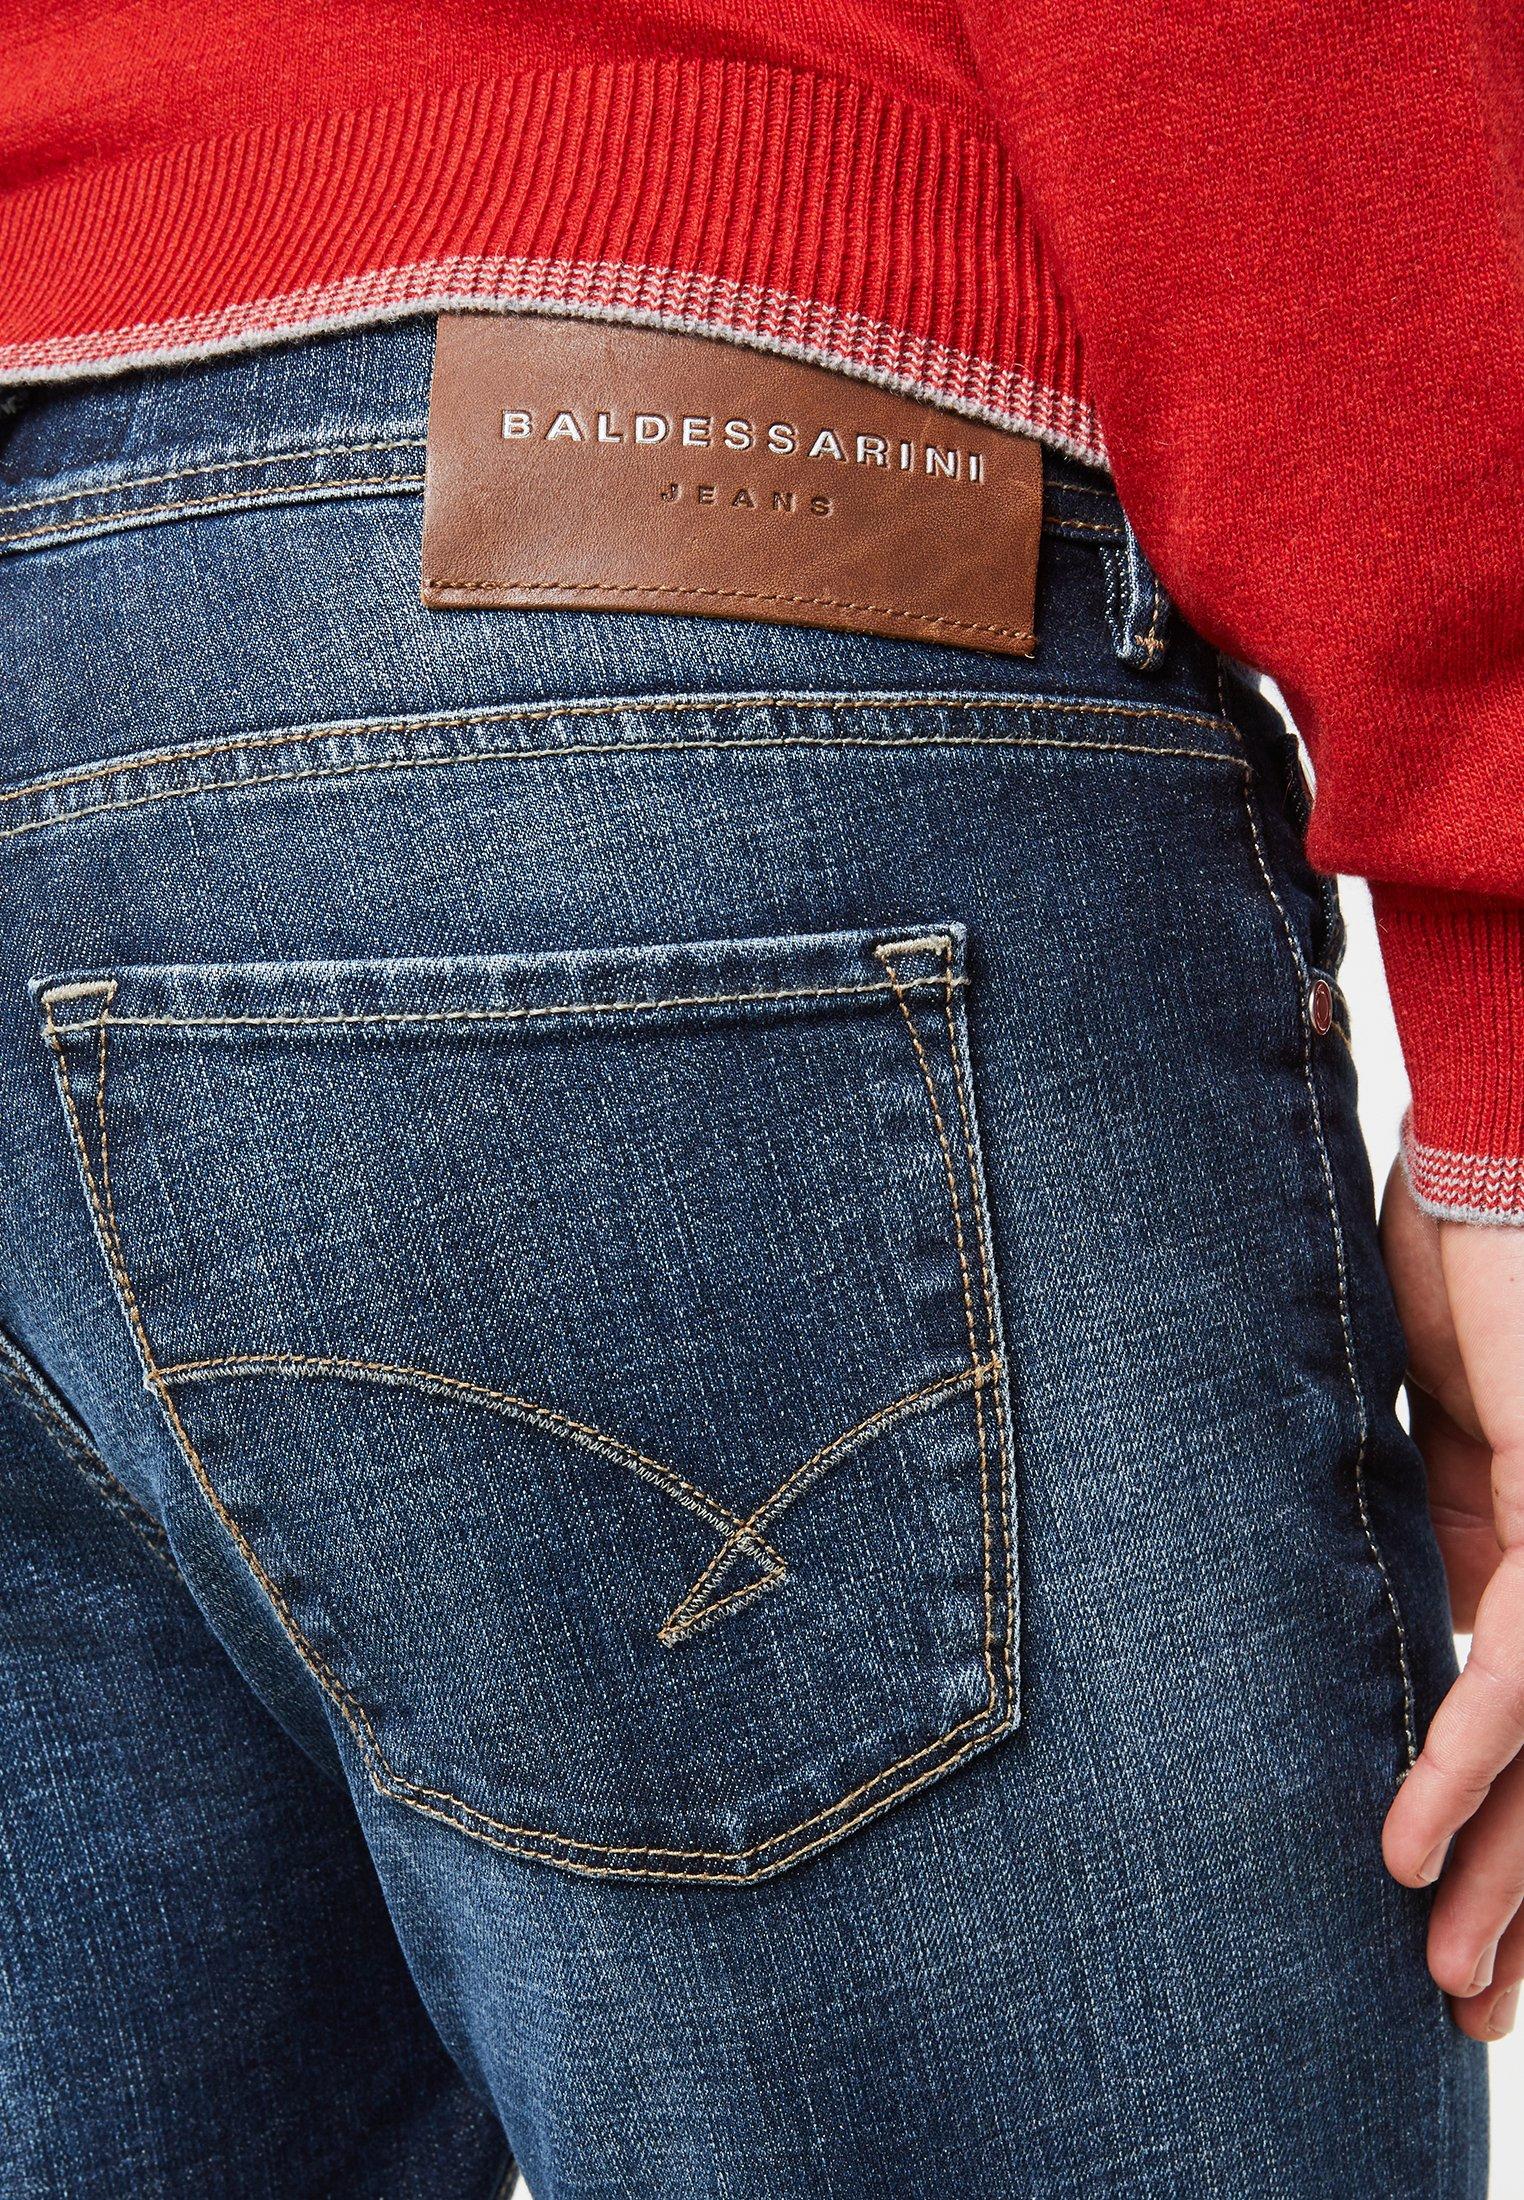 Baldessarini JACK REGULAR FIT Jeans Straight Leg blau